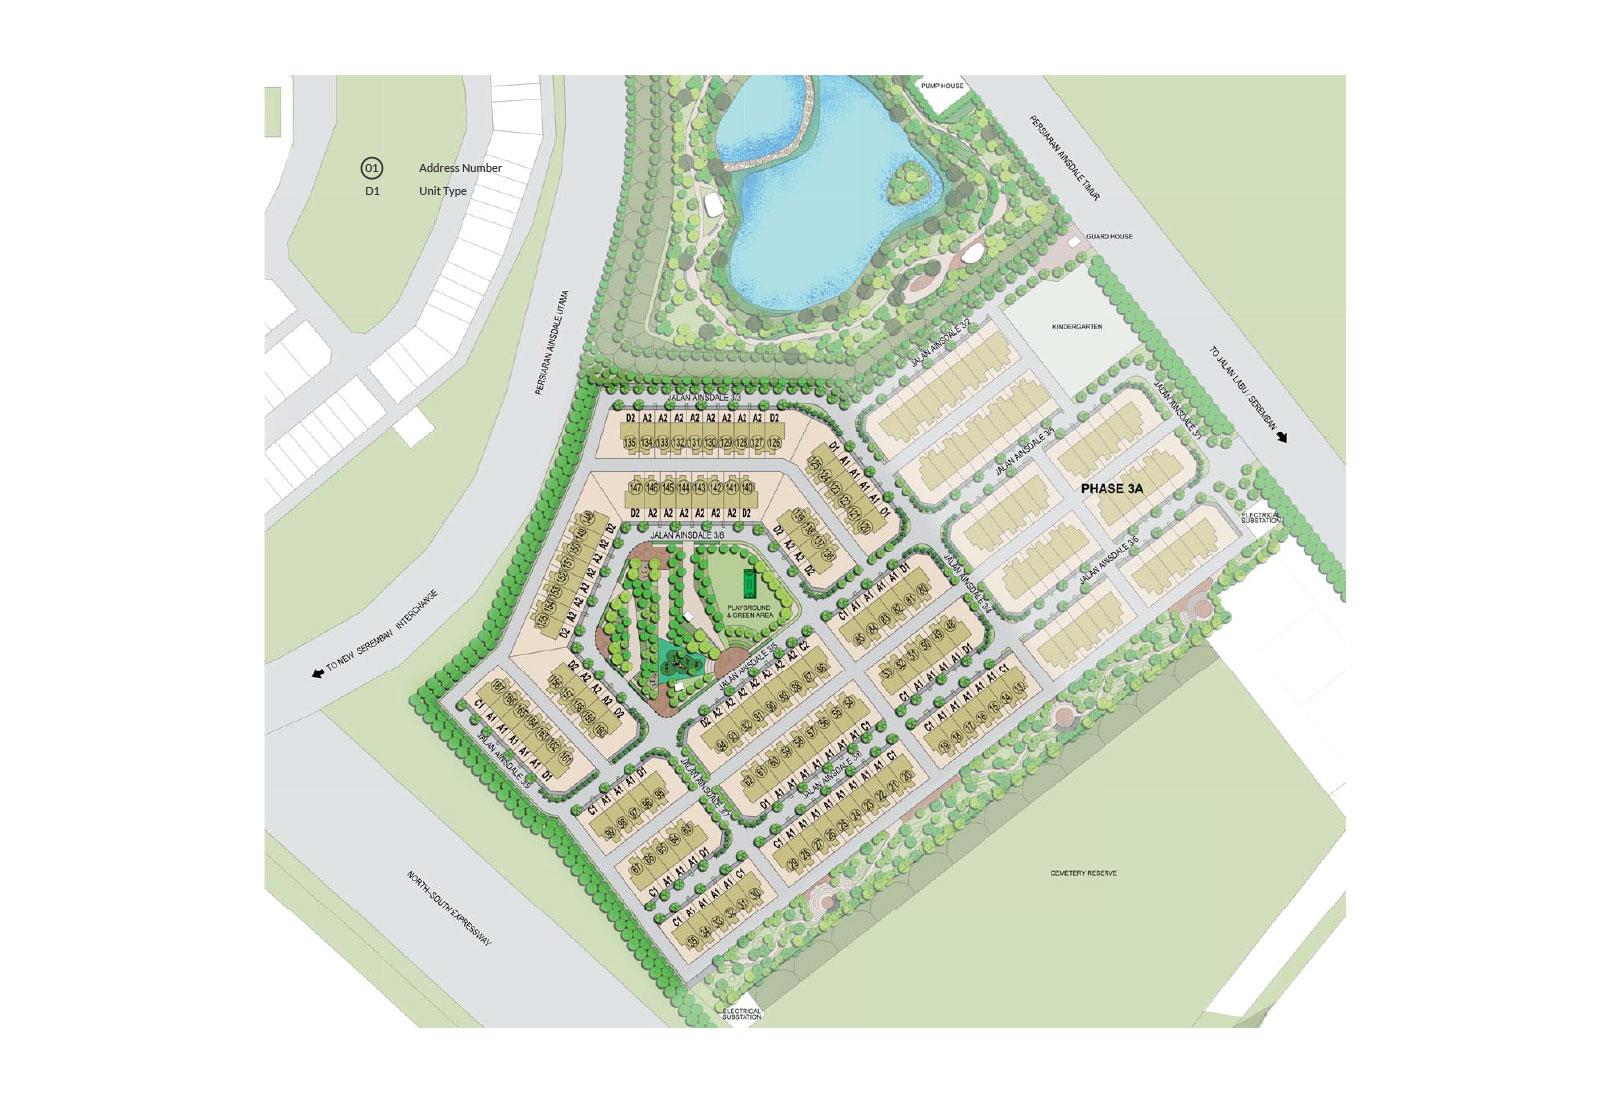 Site Plan of Tenang